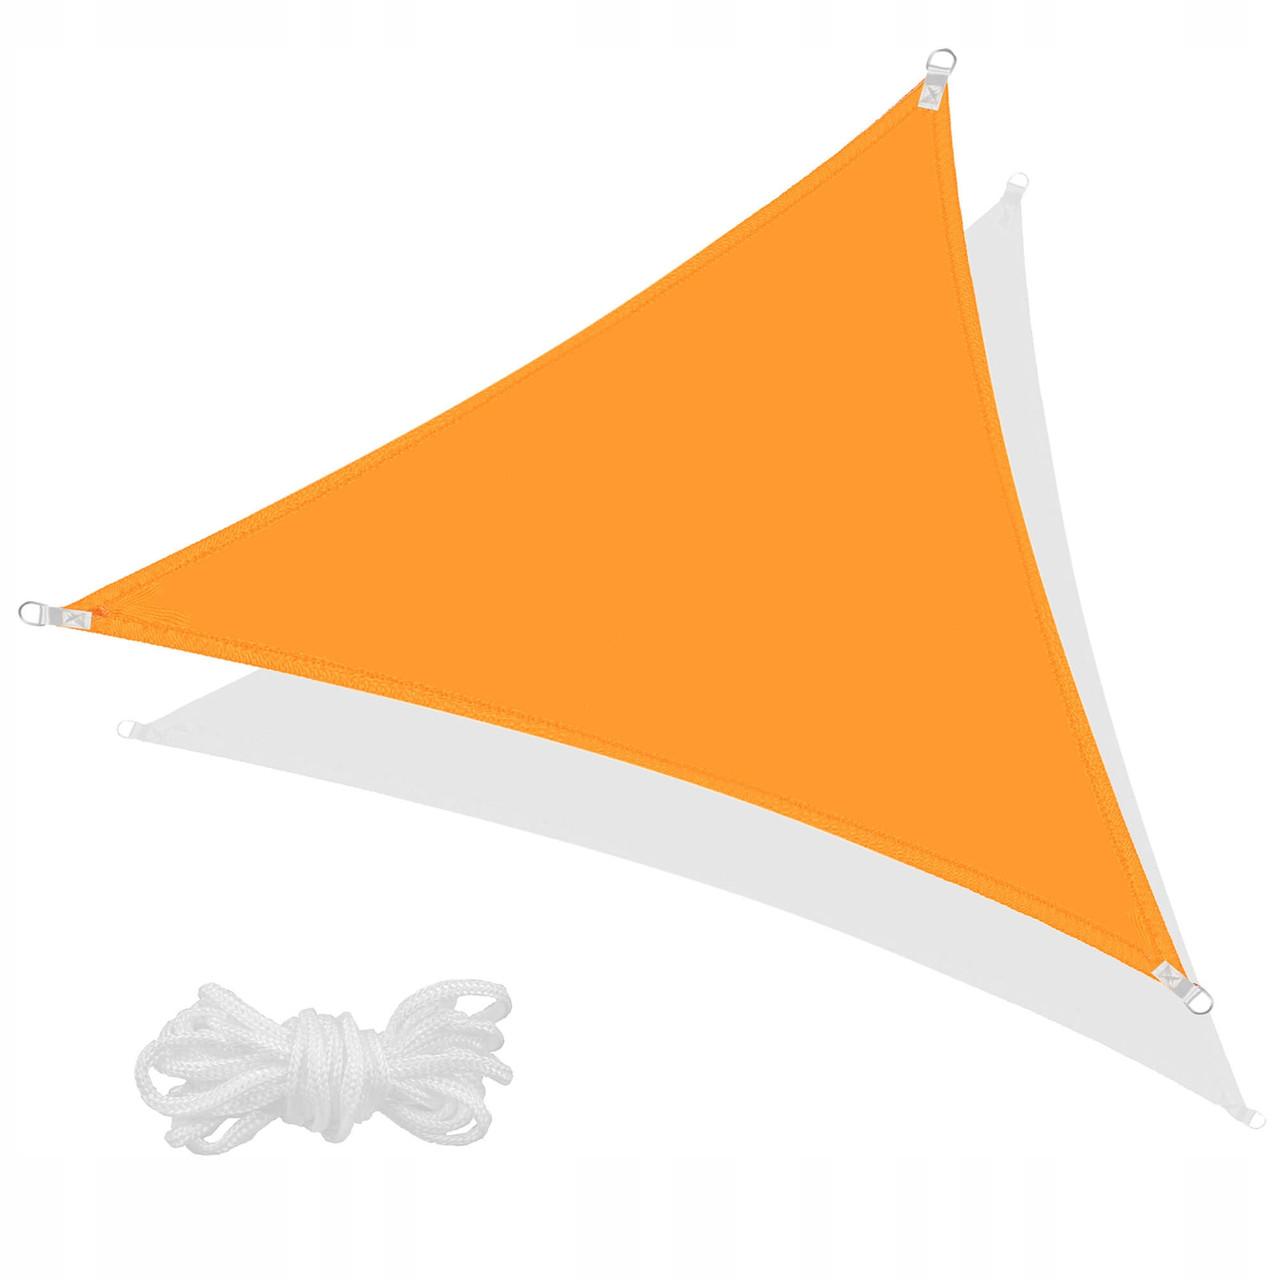 Тент-парус теневой для дома, сада и туризма Springos 7 x 5 x 5 м SN1012 Orange